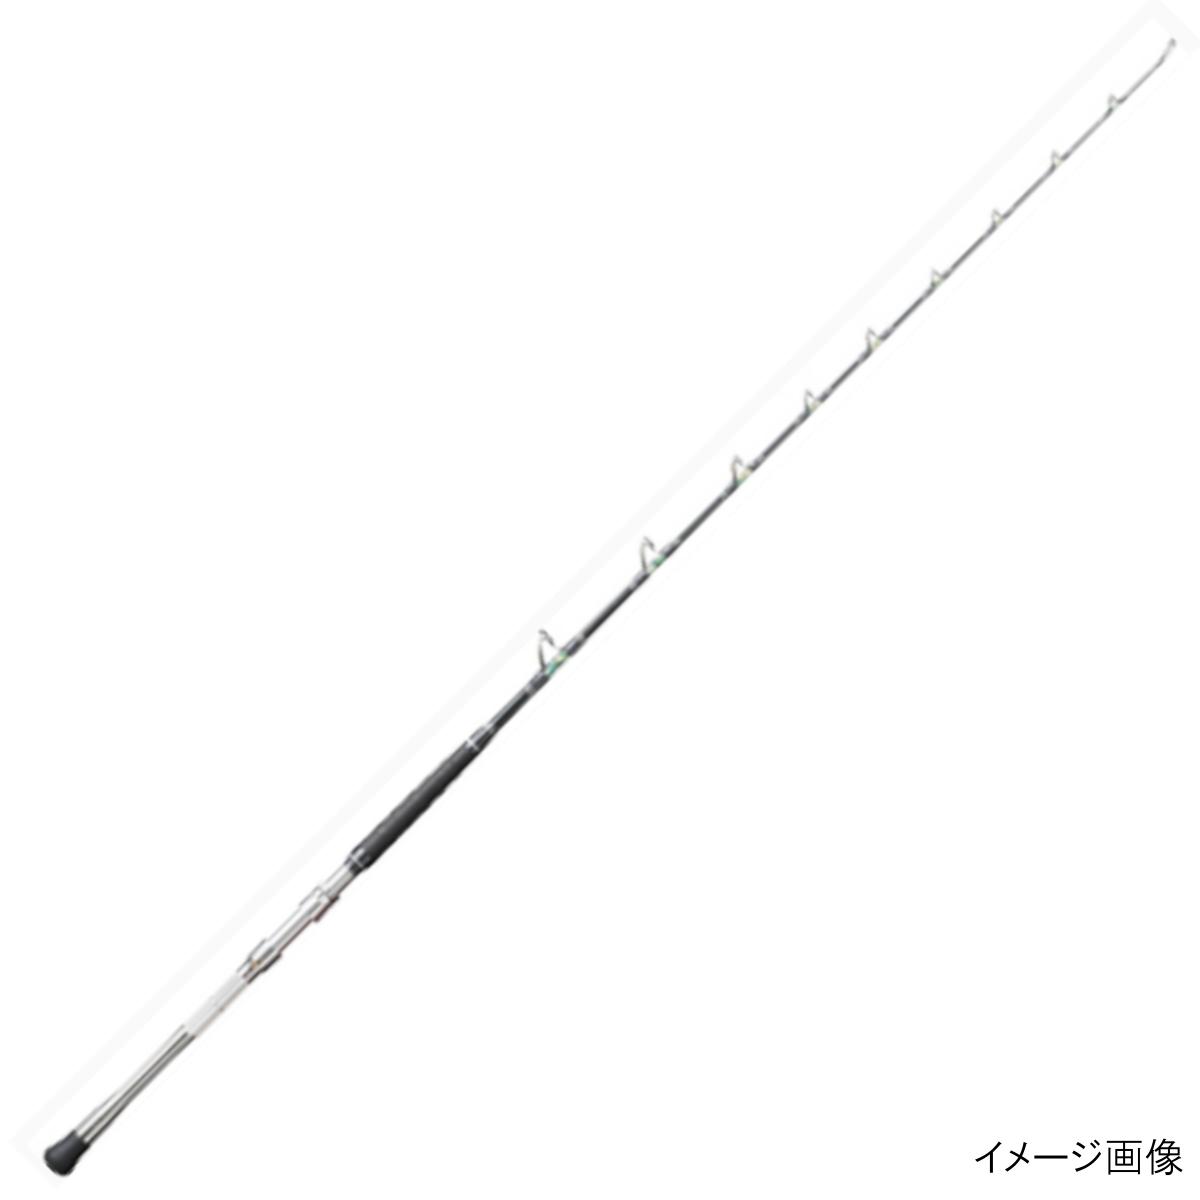 【ご予約品】 グラシスタ バージョン2 インテンスブルー 168H/B【大型商品】-フィッシング